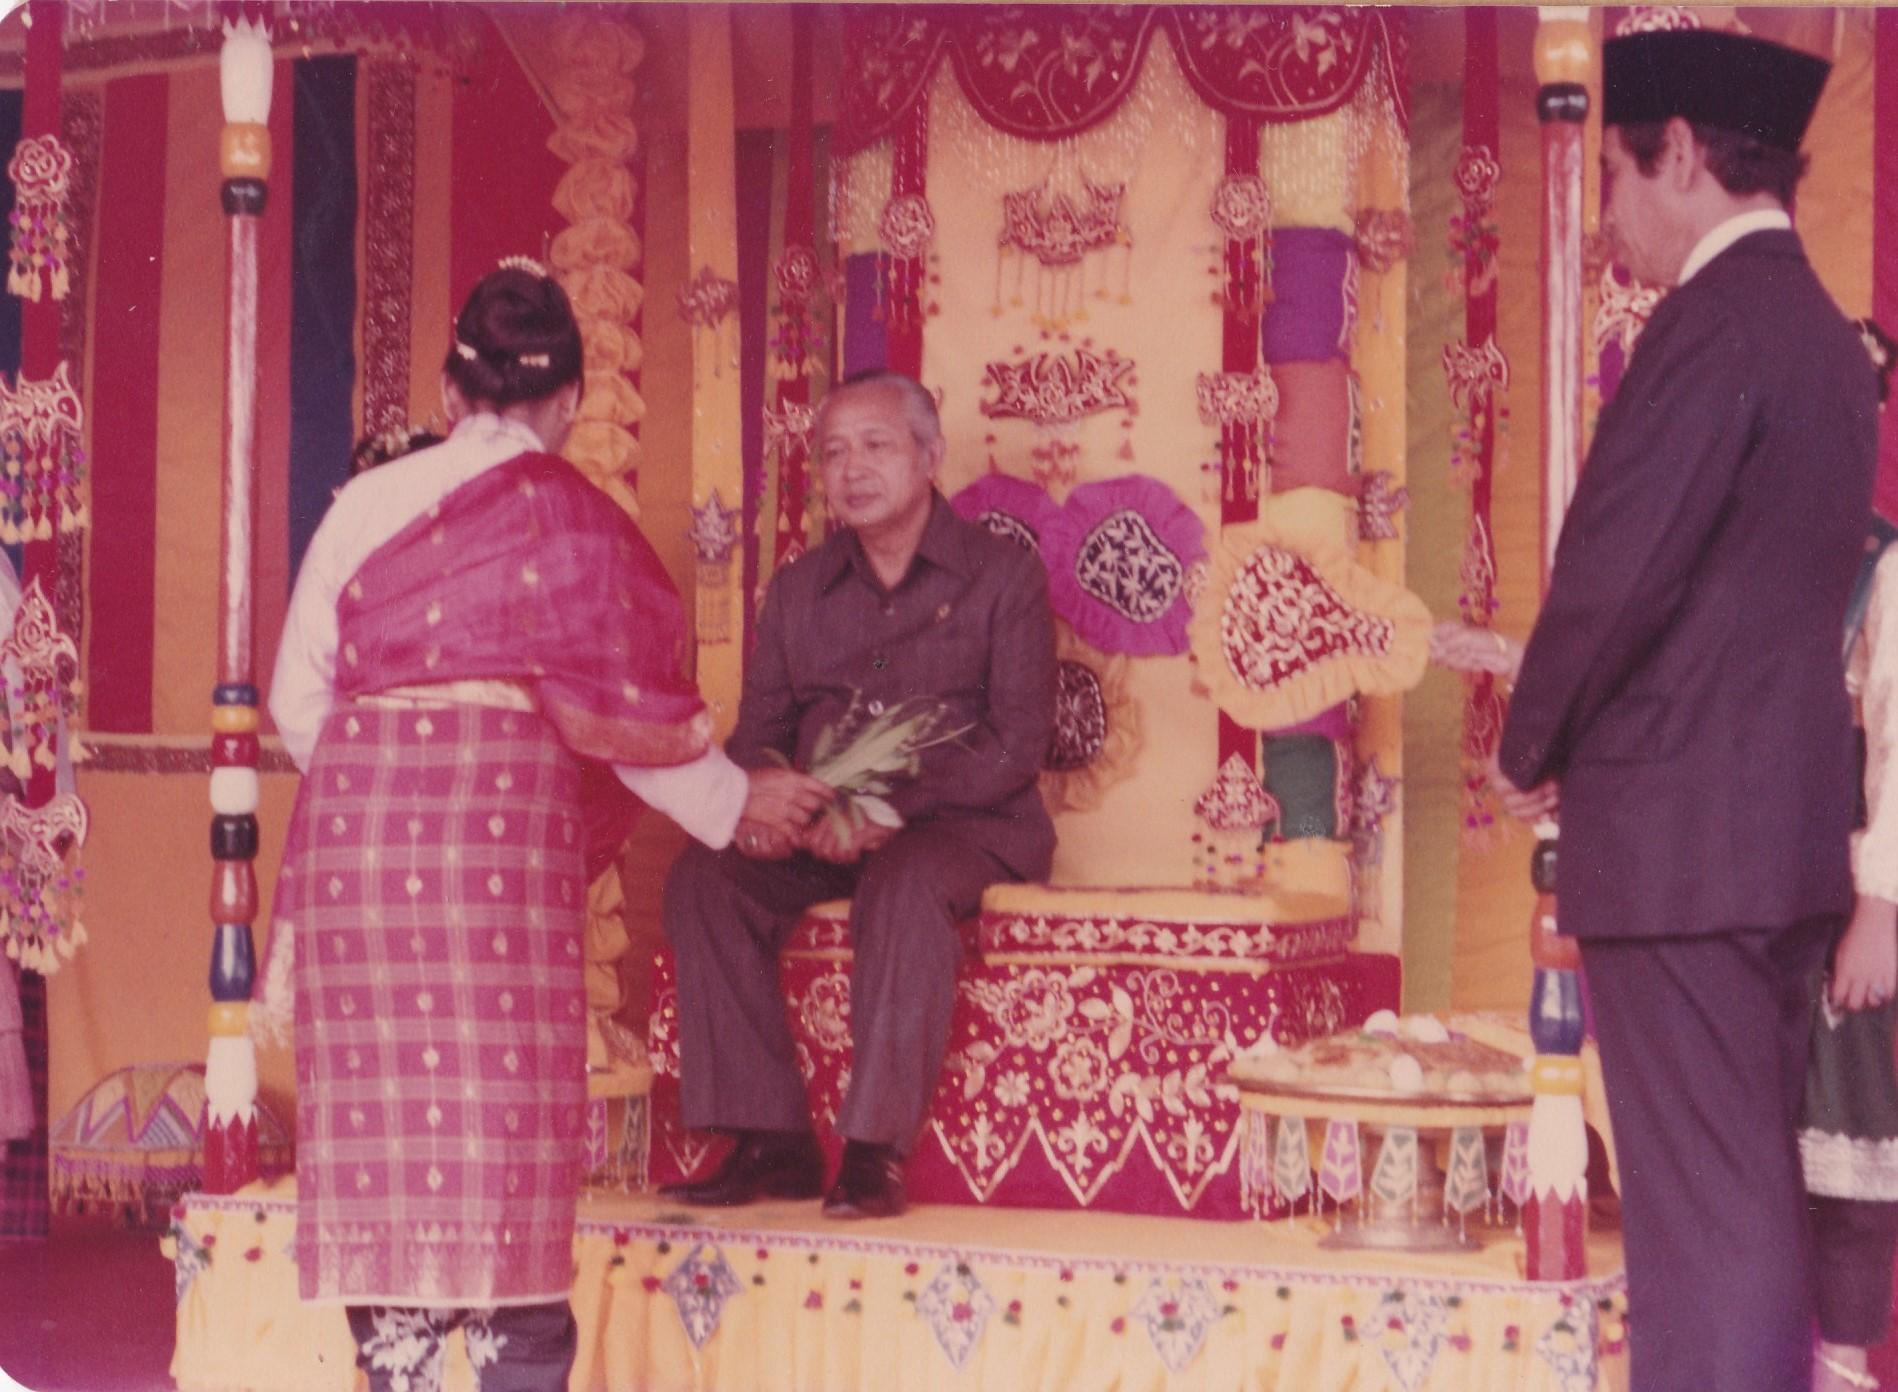 (Keterangan Photo:  Pak Harto, sedang duduk sejenak di kusi adat untuk di Peusejuk. Sesaat tiba di Bandara Malikulsaleh, sebelum meresmikan PT LNG ARun-Aceh 19 Desember 1978, Lhokseumawe, Aceh. Berdiri di kanan: Gubernur Aceh saat itu, Prof DR Madjid Ibrahim / Photo: Dok Pribadi penulis)